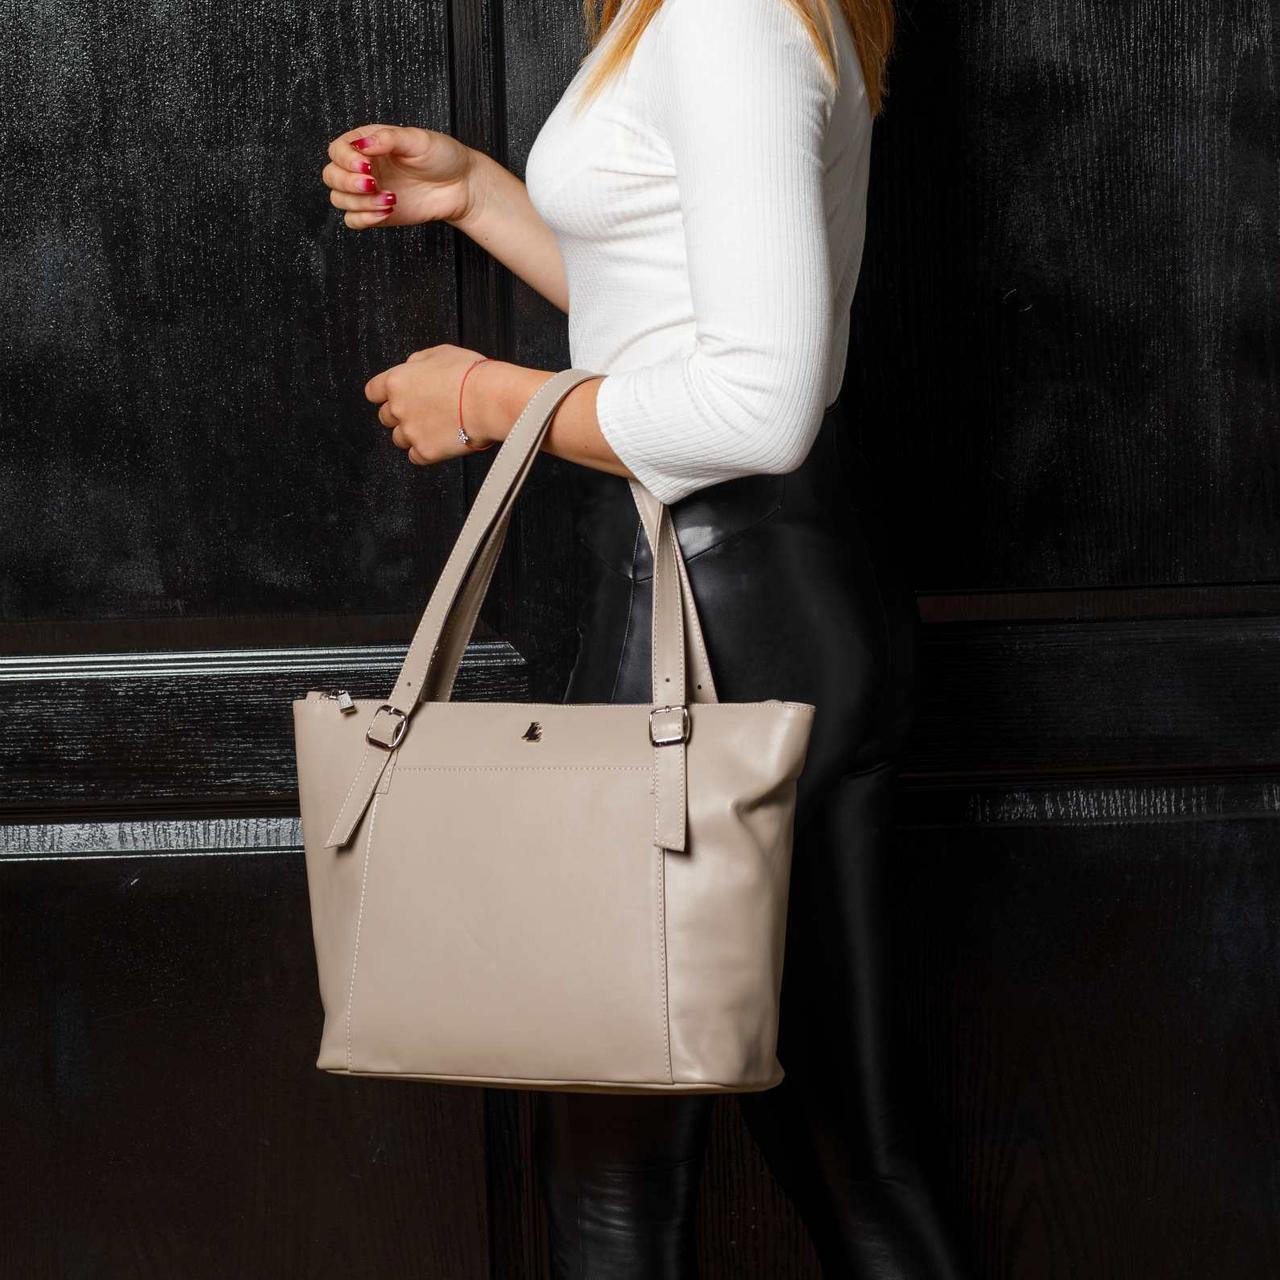 Большая бежевая вместительная кожаная женская сумка с двумя ручками, на молнии, цвет любой на выбор